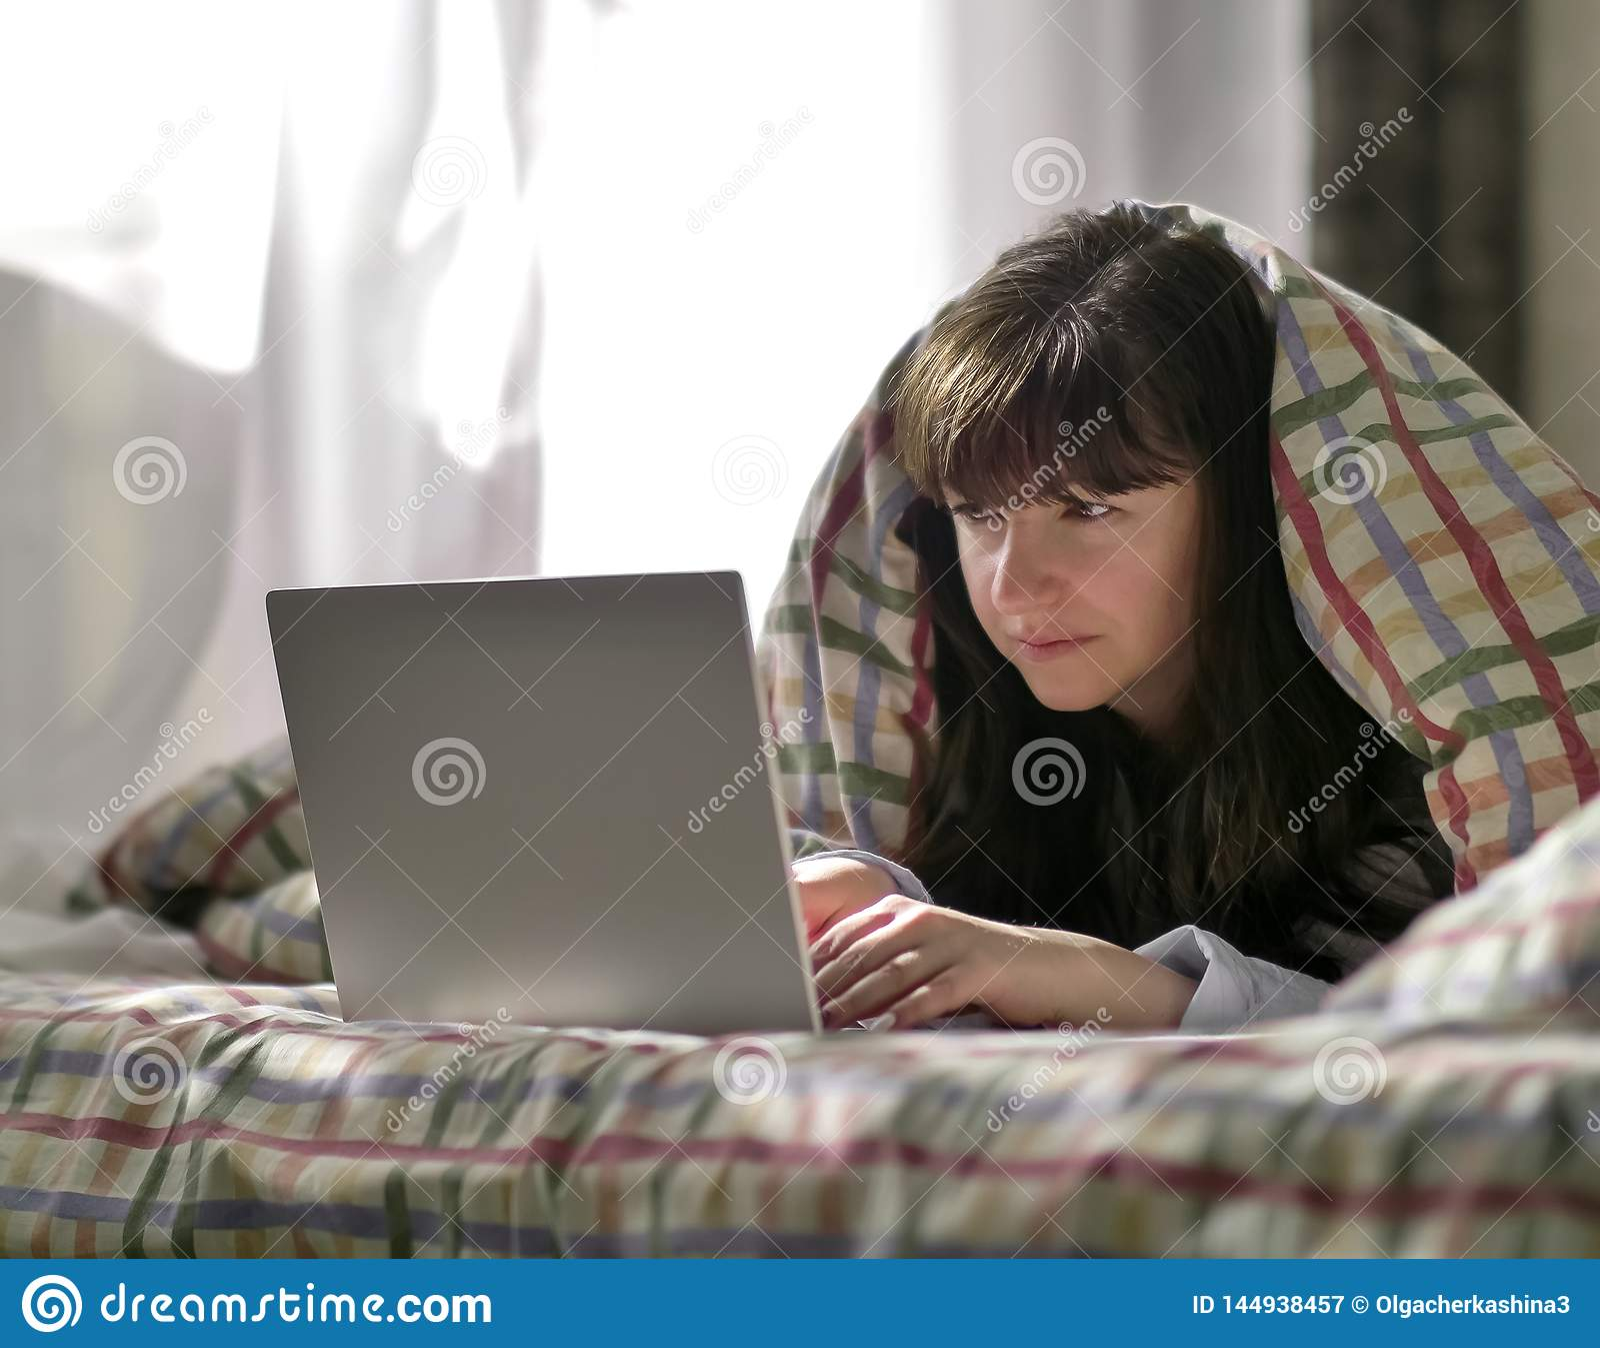 Eine junge brunette Frau liegt unter einer Decke und schreibt in einem Laptop